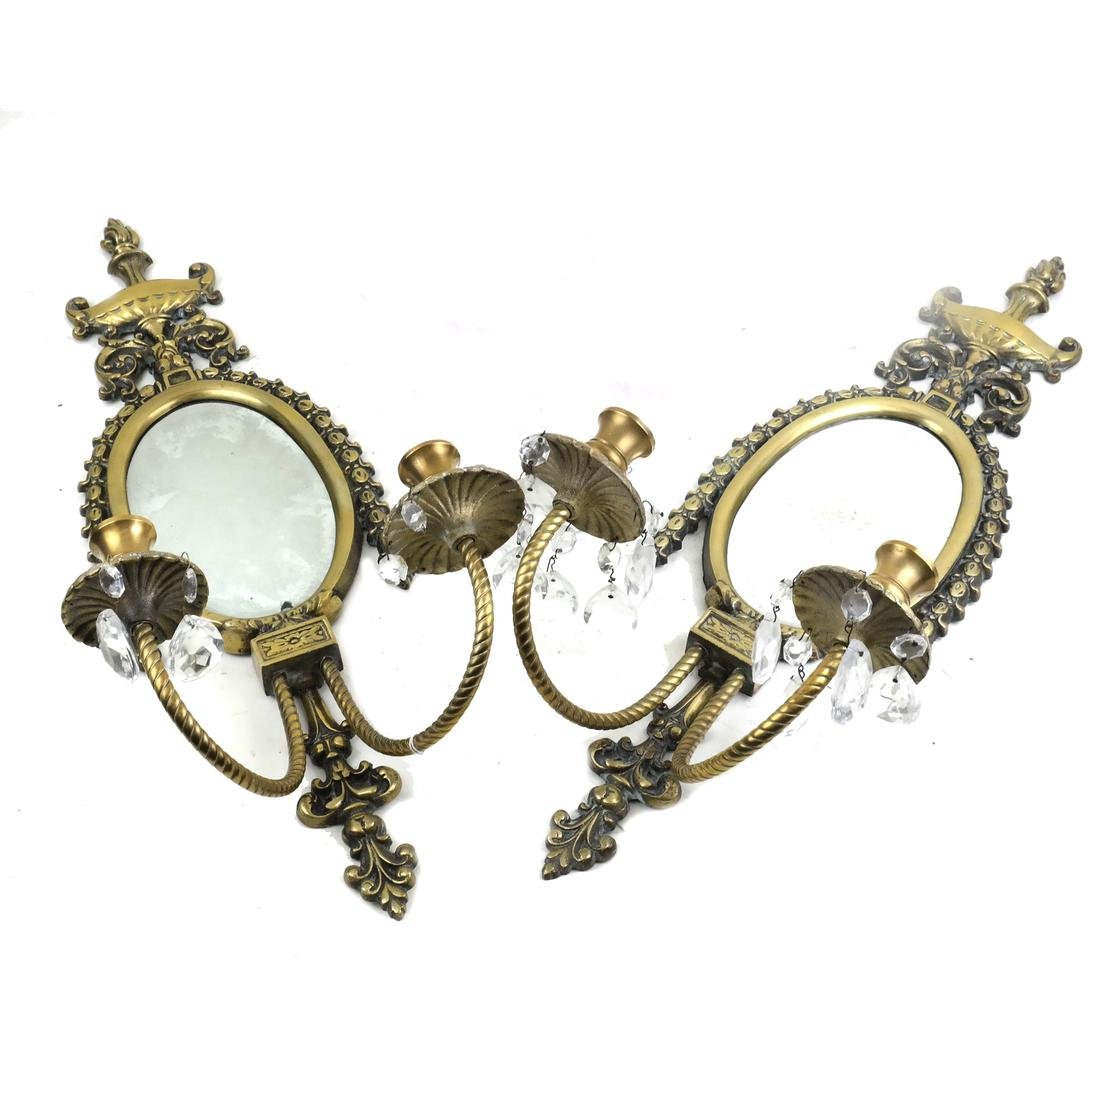 Pair of Mirror Sconces